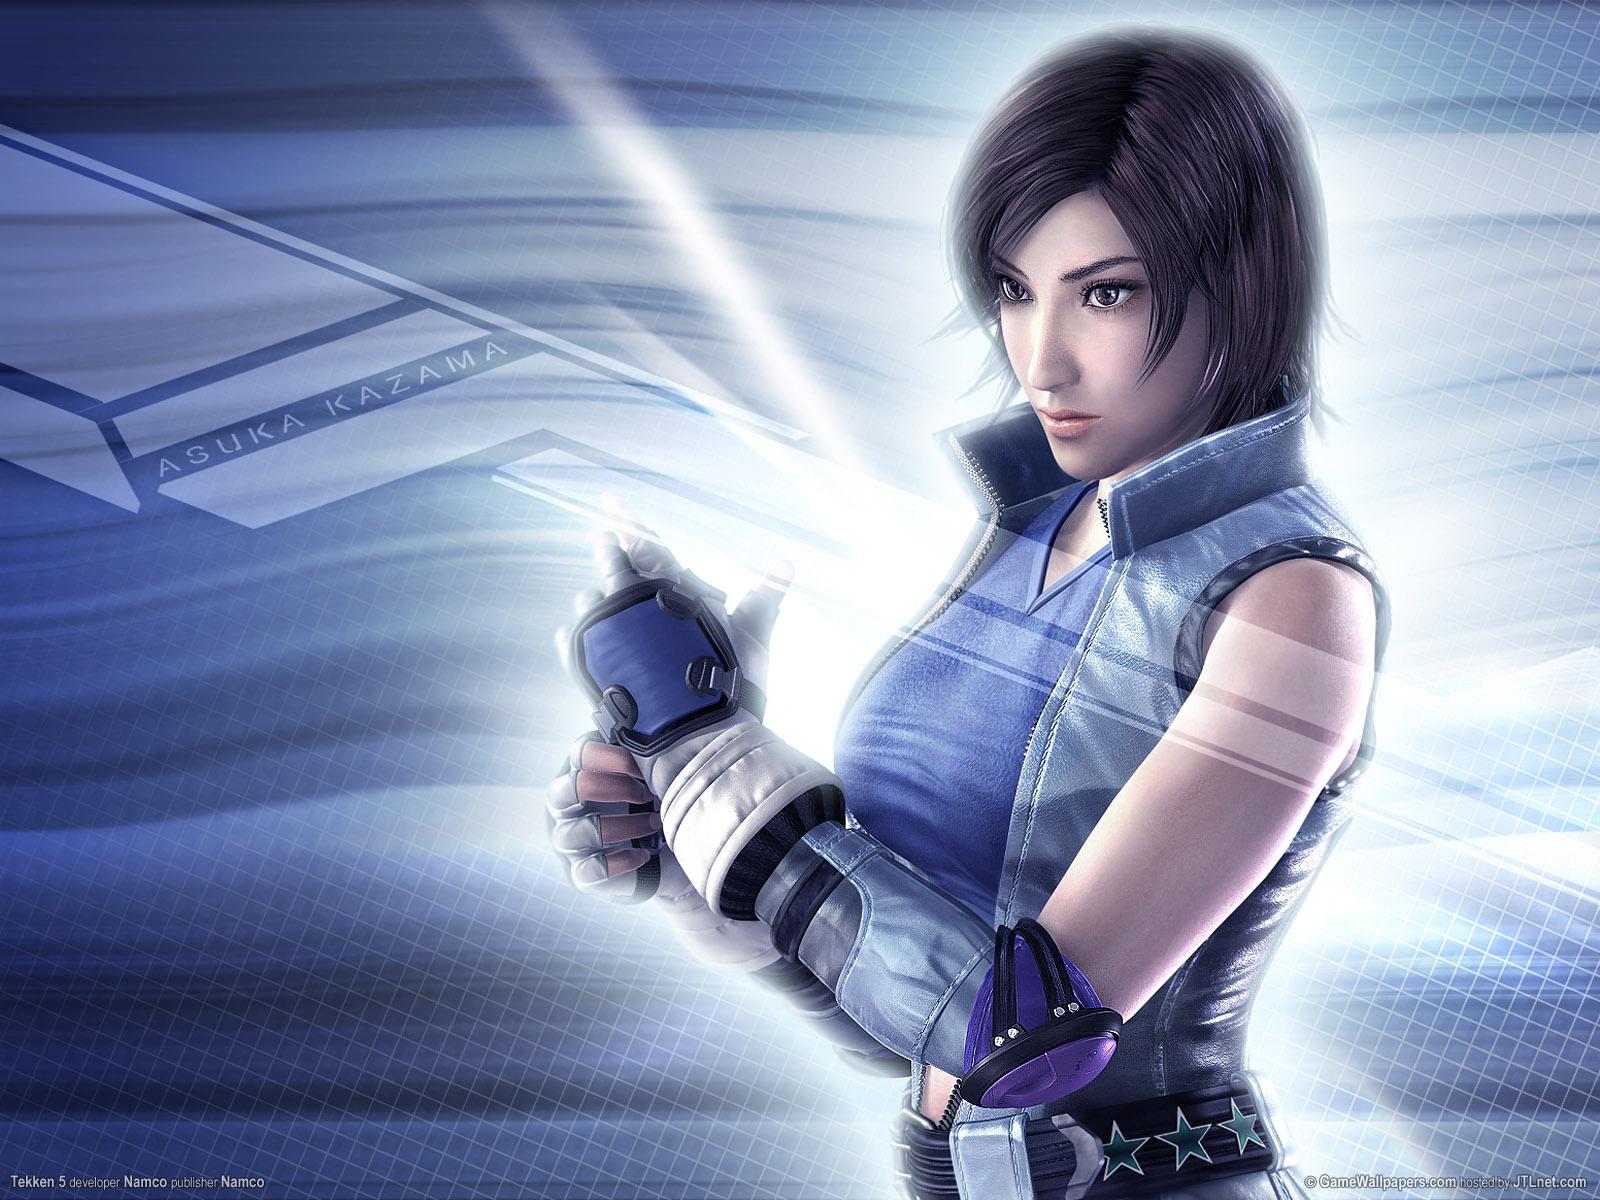 Nina In Tekken Wallpapers NGDrama 1600x1200